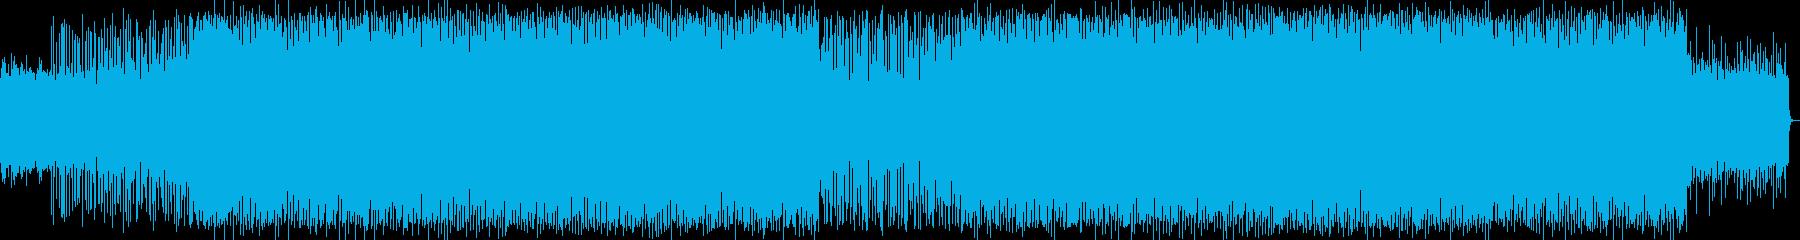 楽しいアップテンポのシンセサイザーの曲の再生済みの波形